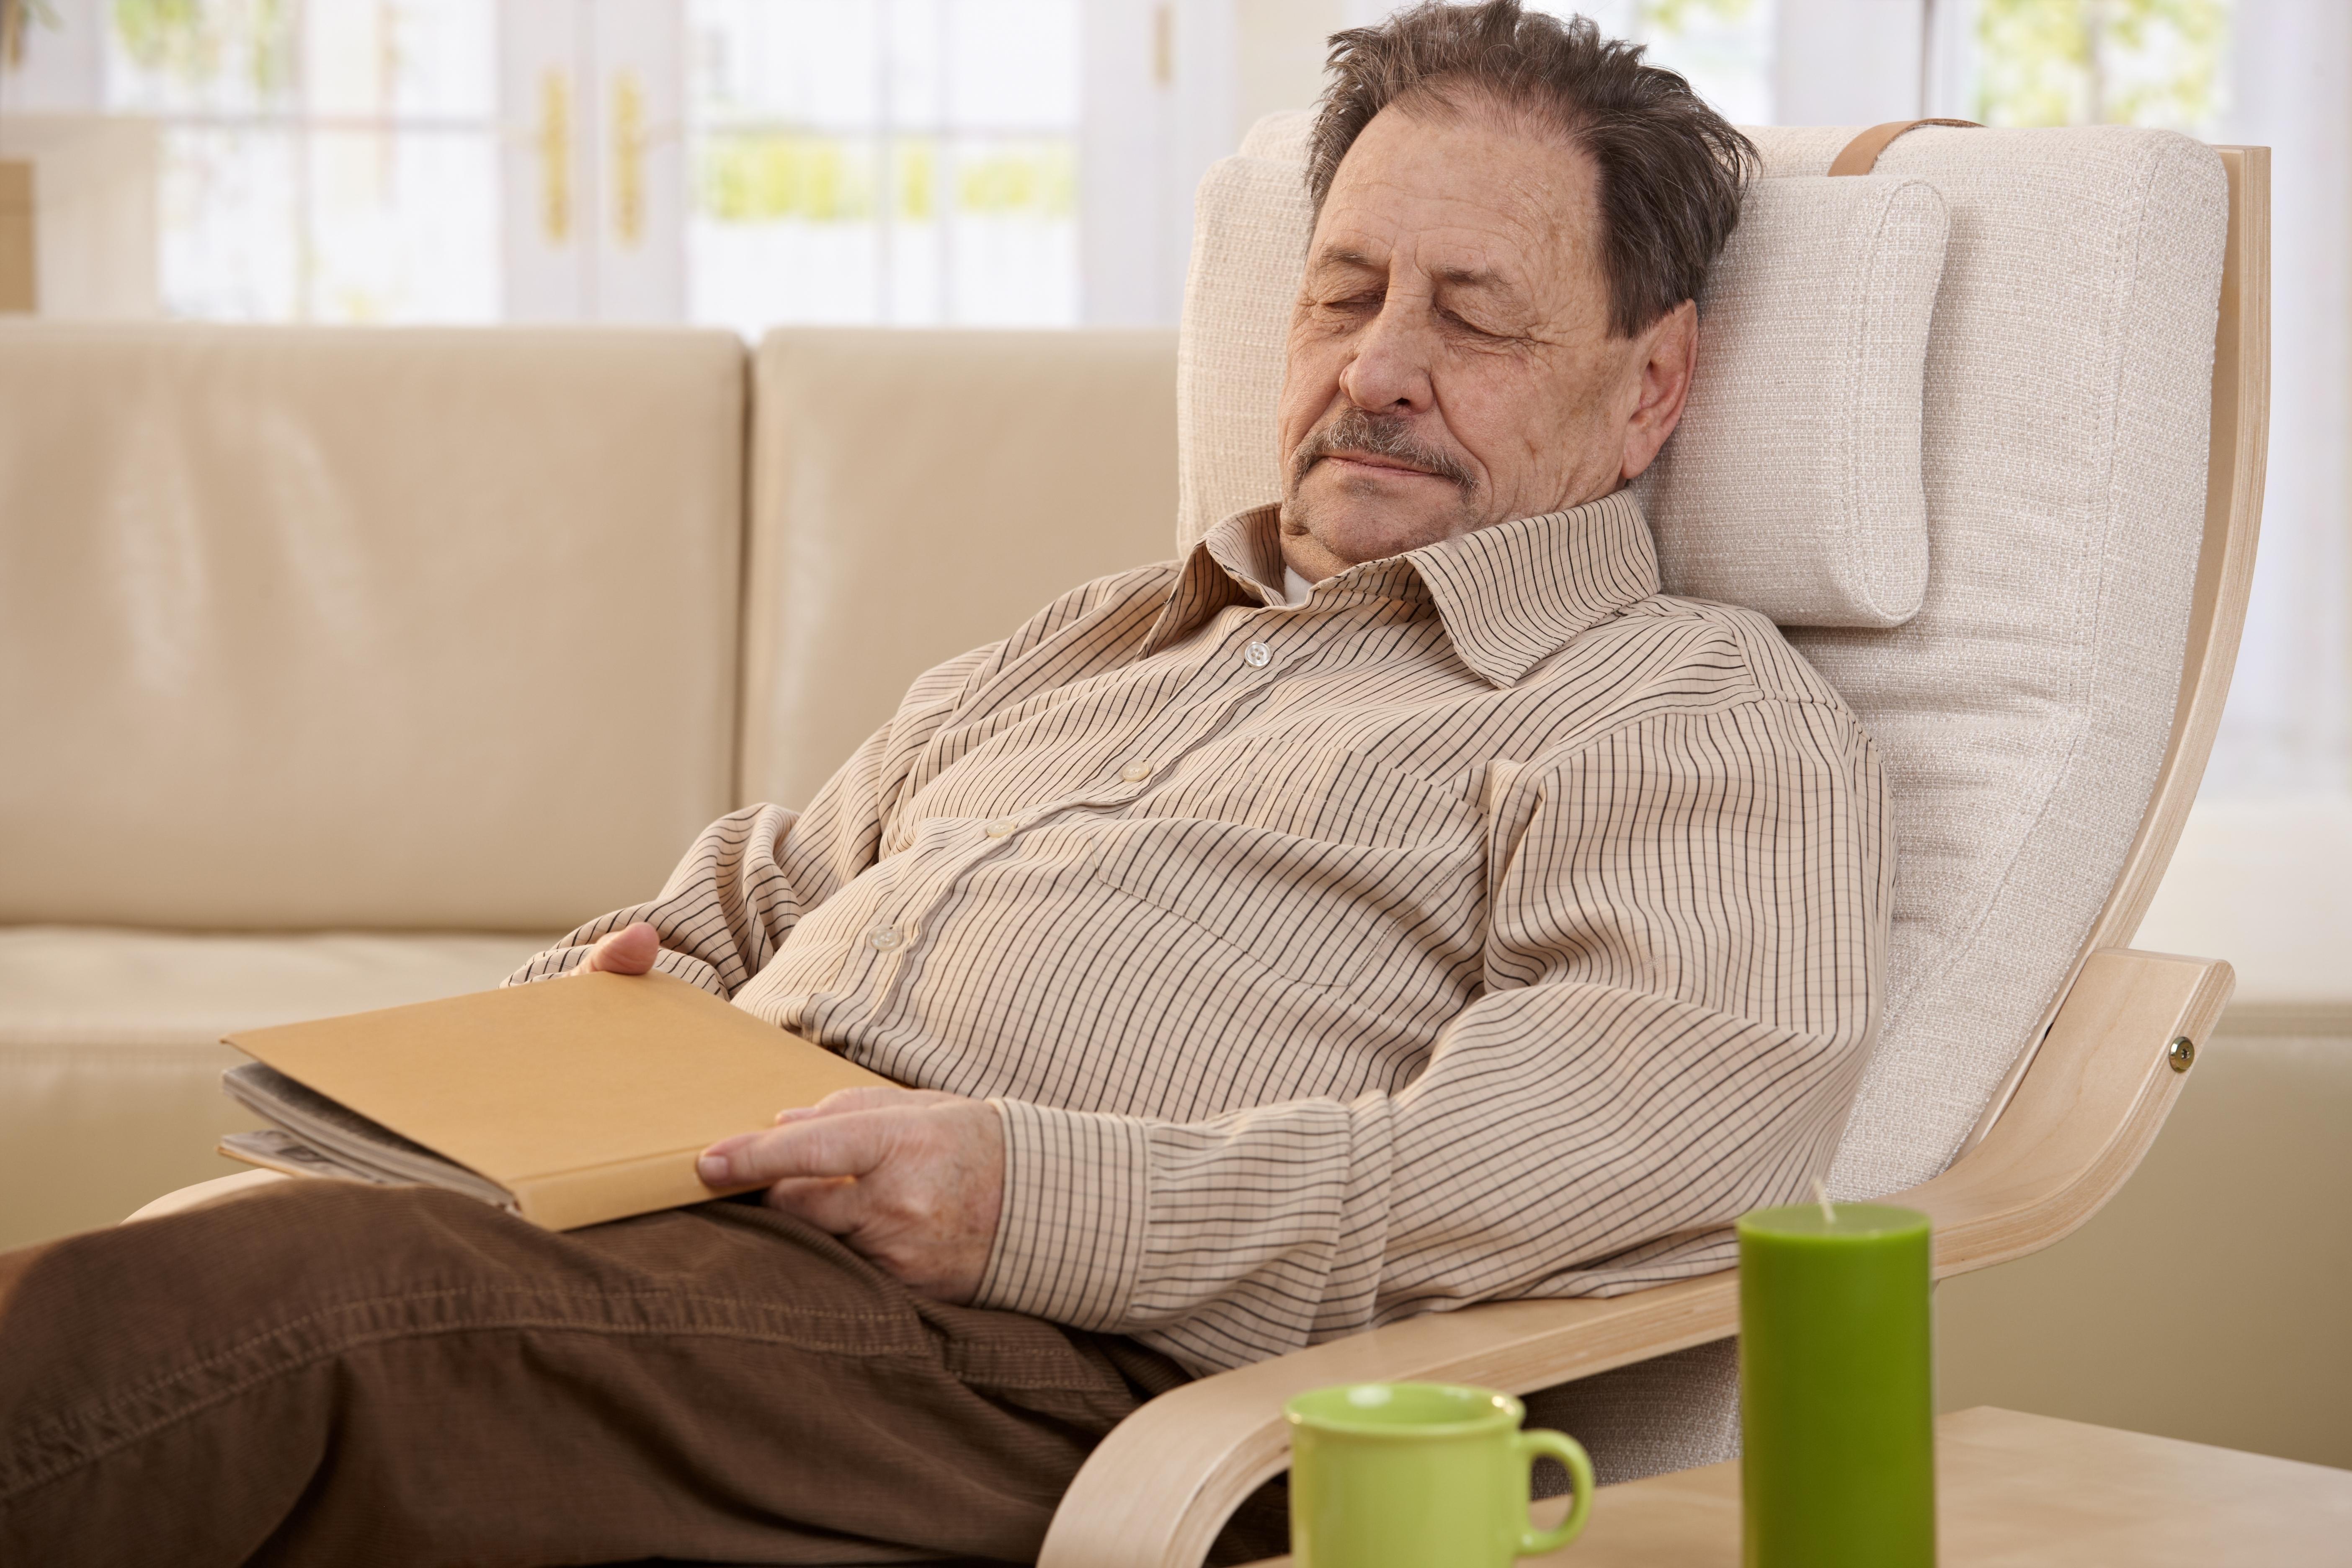 Regelbunden siesta kan vara bra för din hälsa.